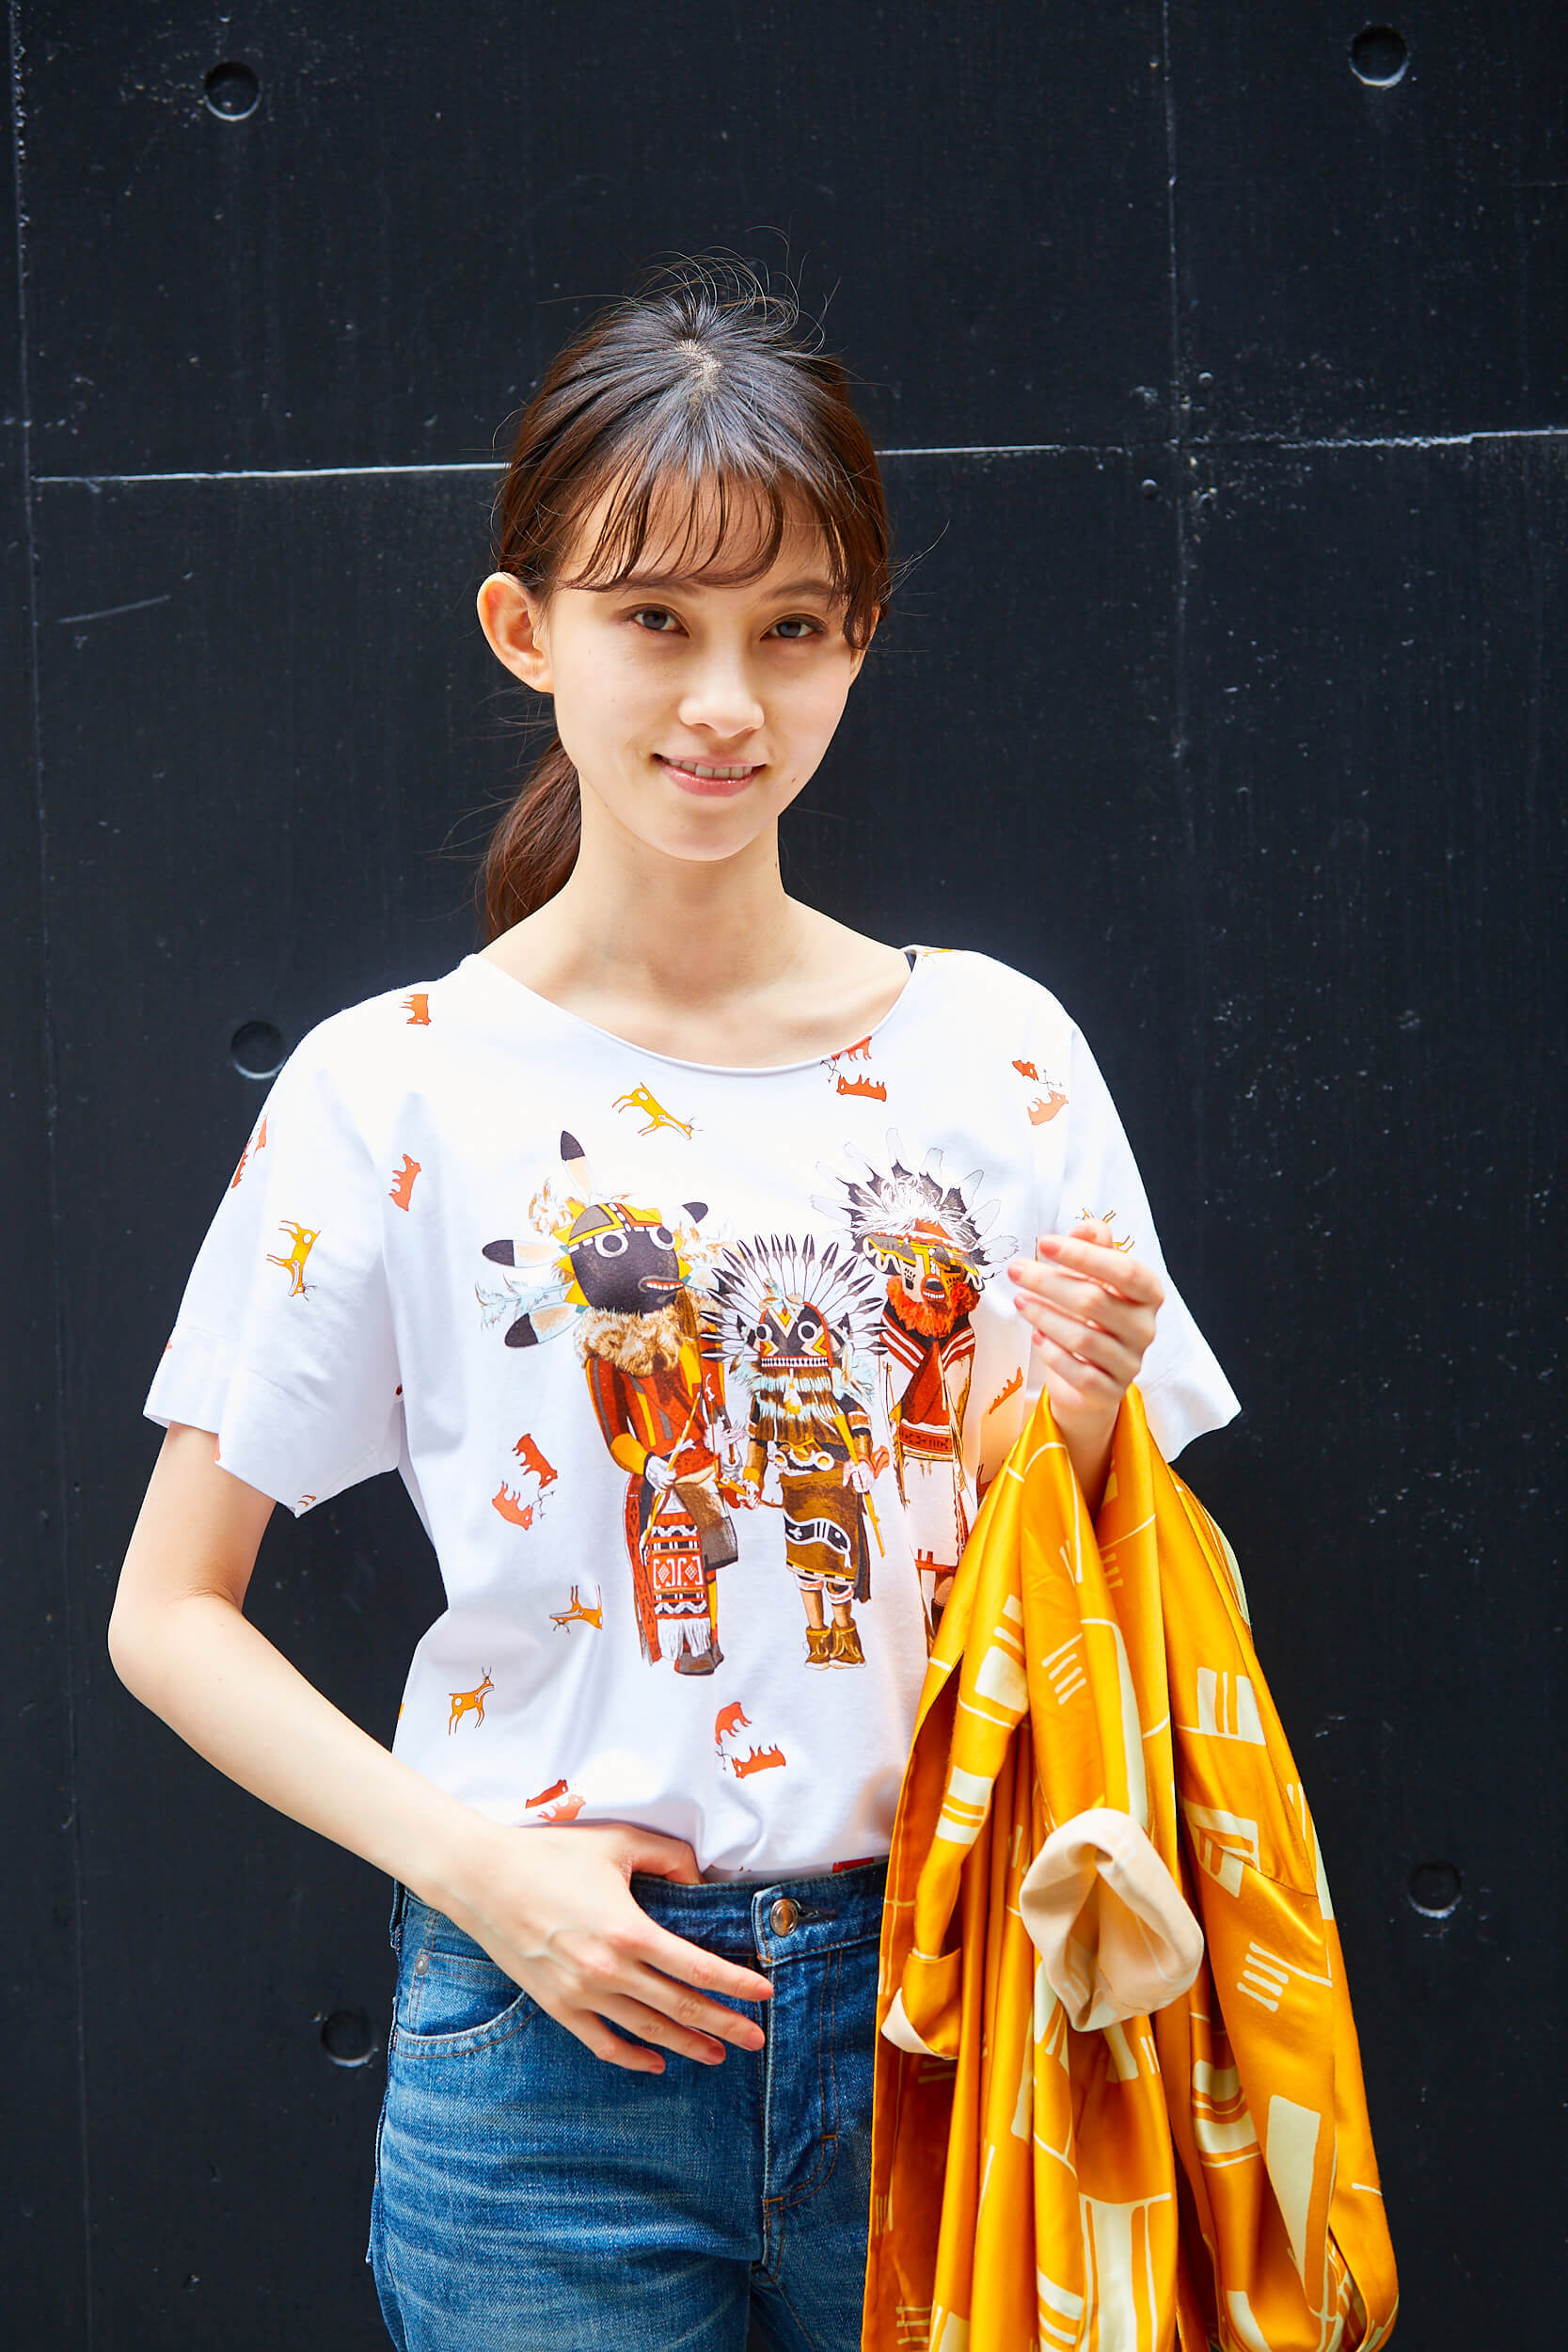 エルメスのTシャツとドリスヴァンノッテンのオレンジシャツのコーデ